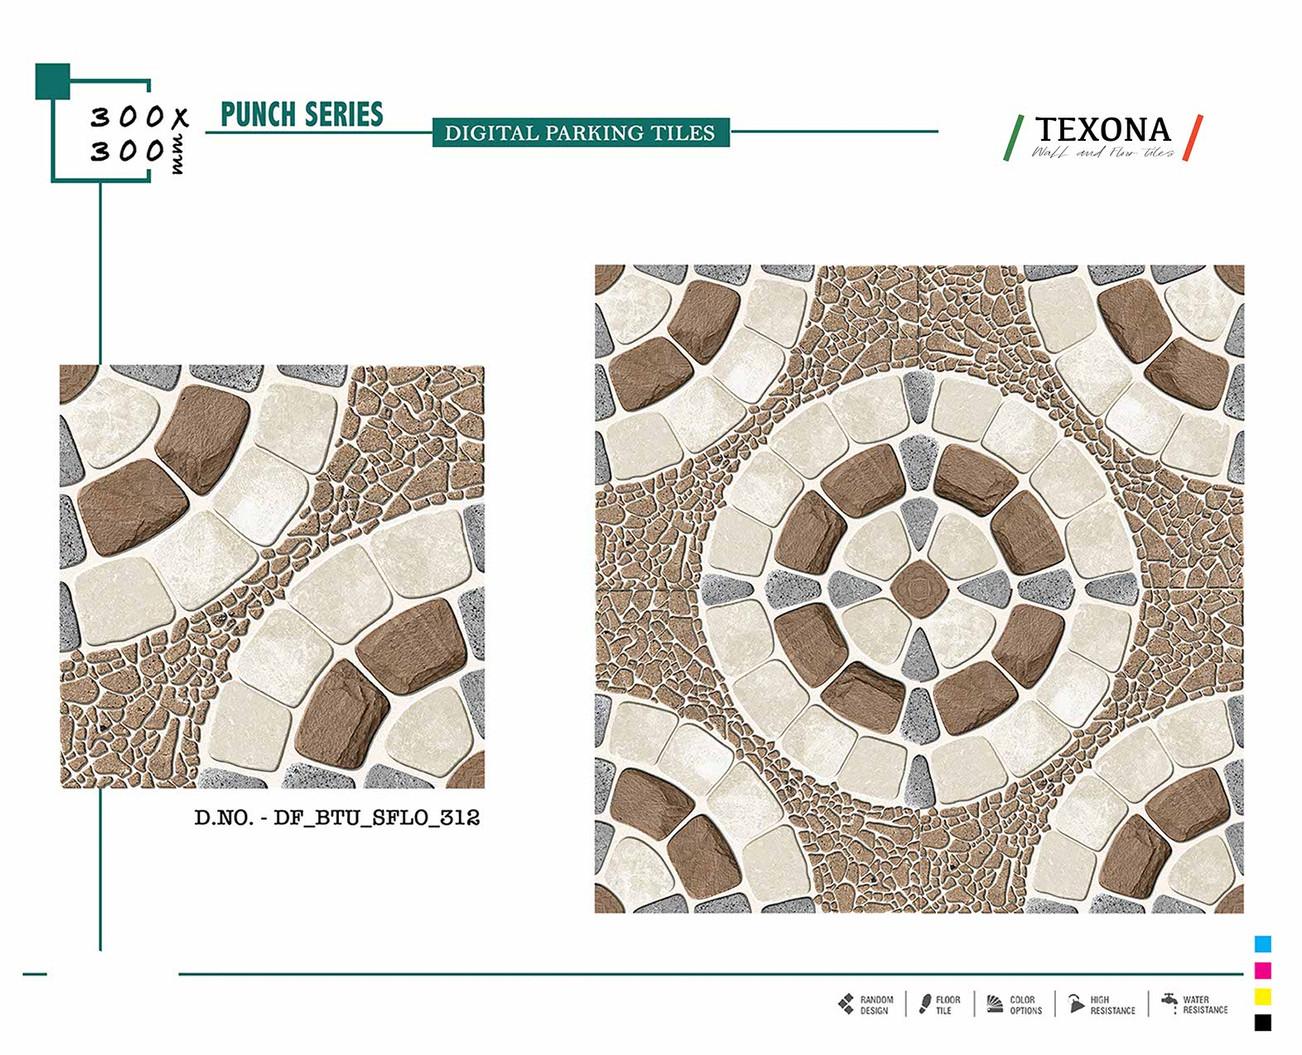 12X12 PARKING VOL.4_Page_07_Image_0001.j